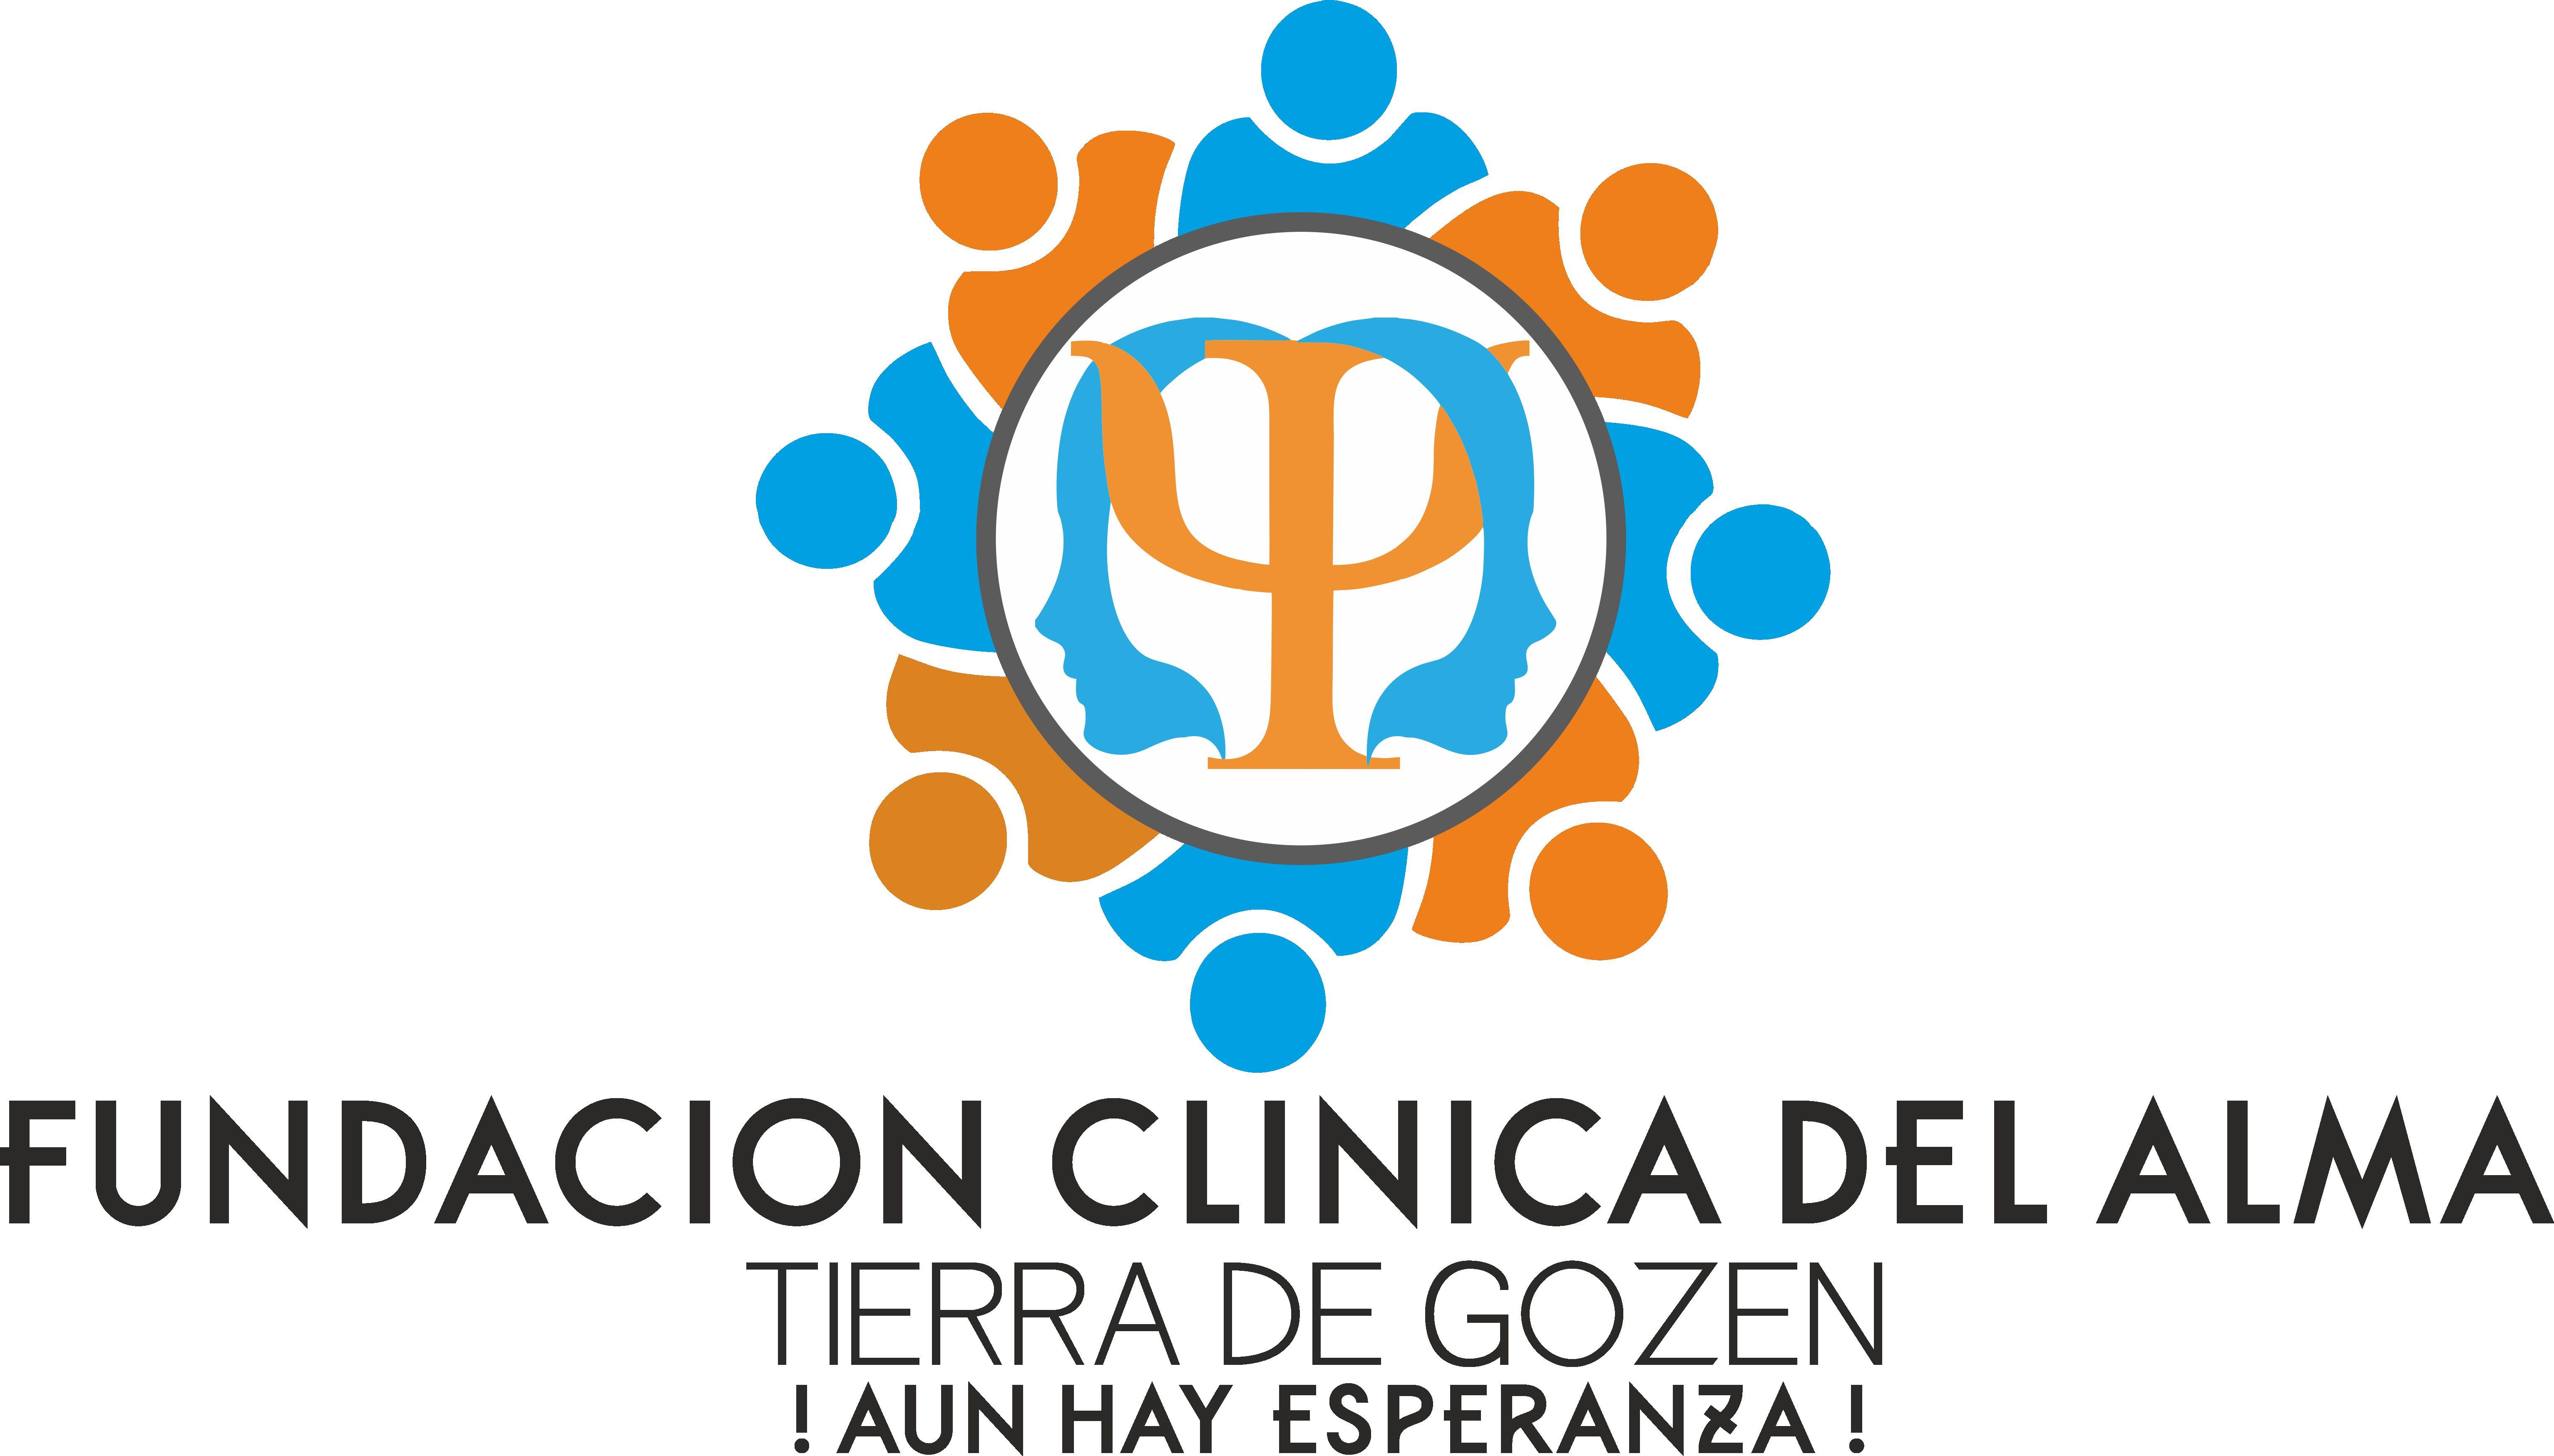 Fundacion Clinica del Alma